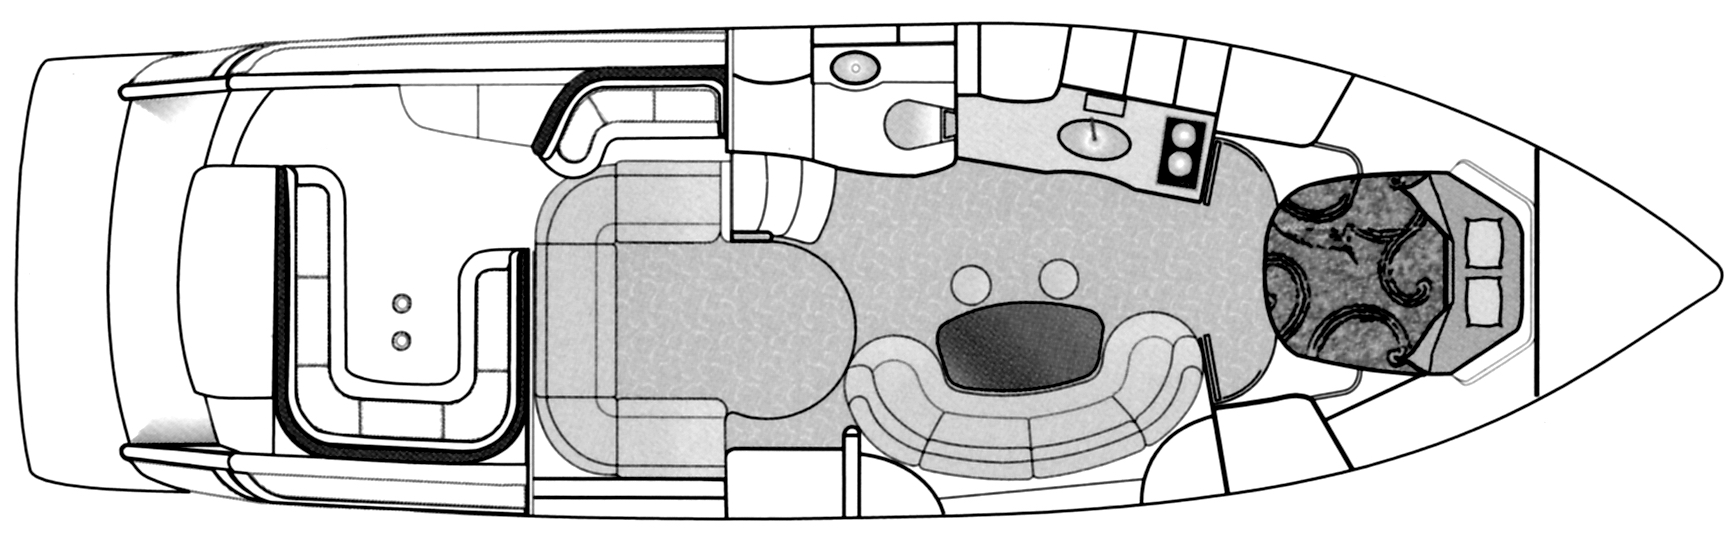 40 PC Floor Plan 1